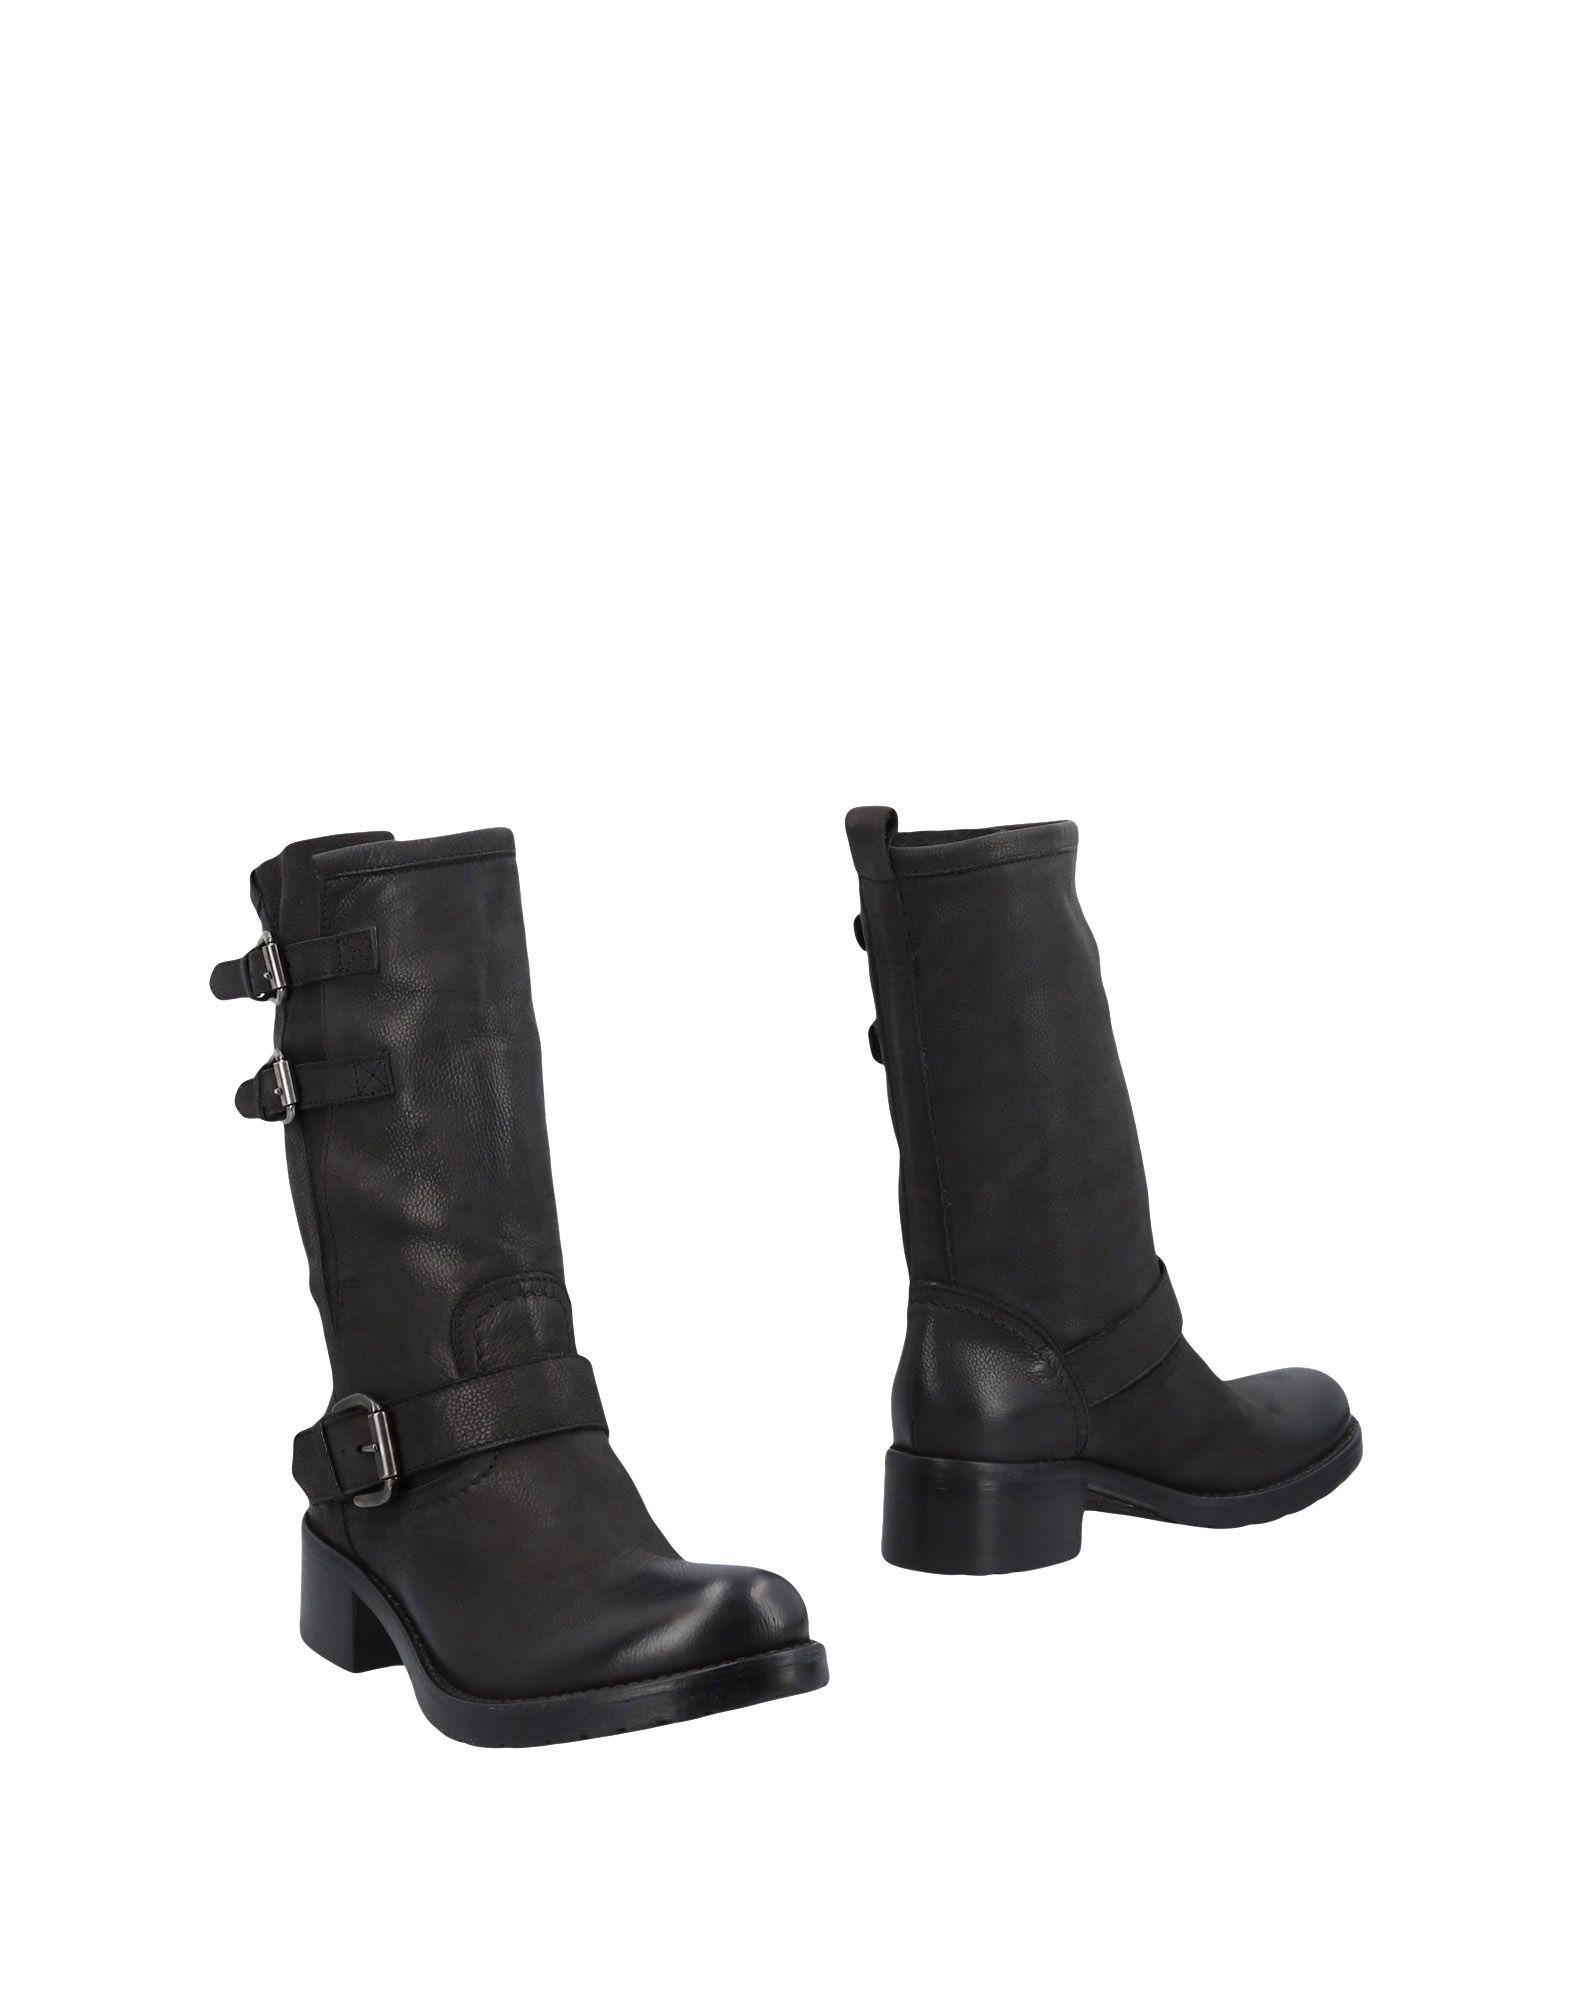 Jfk Stiefelette Damen  11483395IRGut aussehende strapazierfähige Schuhe